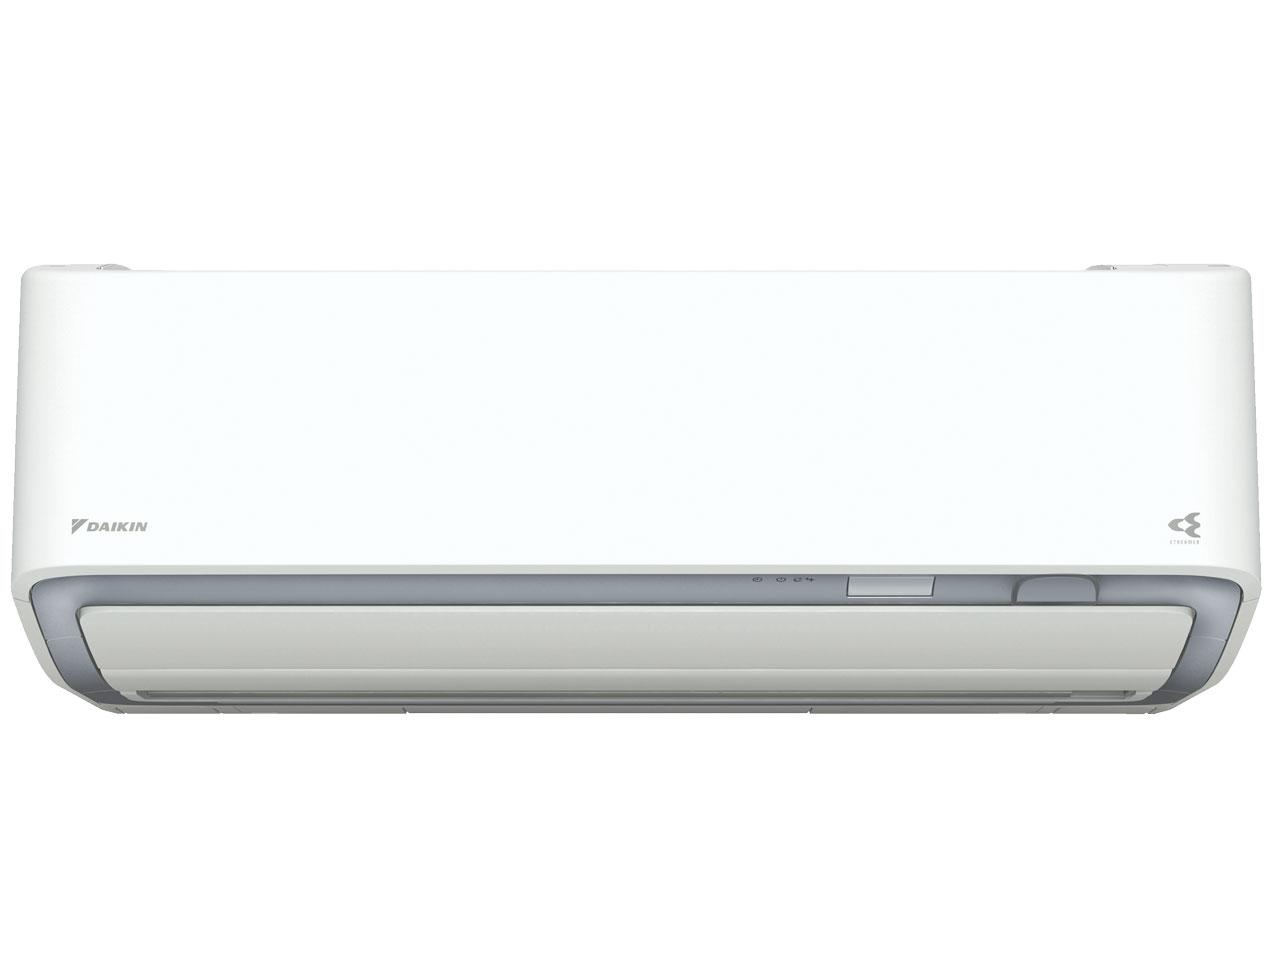 ダイキン 19年モデル うるさら7 RXシリーズ S71WTRXP-W 【200V用】23畳用冷暖房除湿エアコン